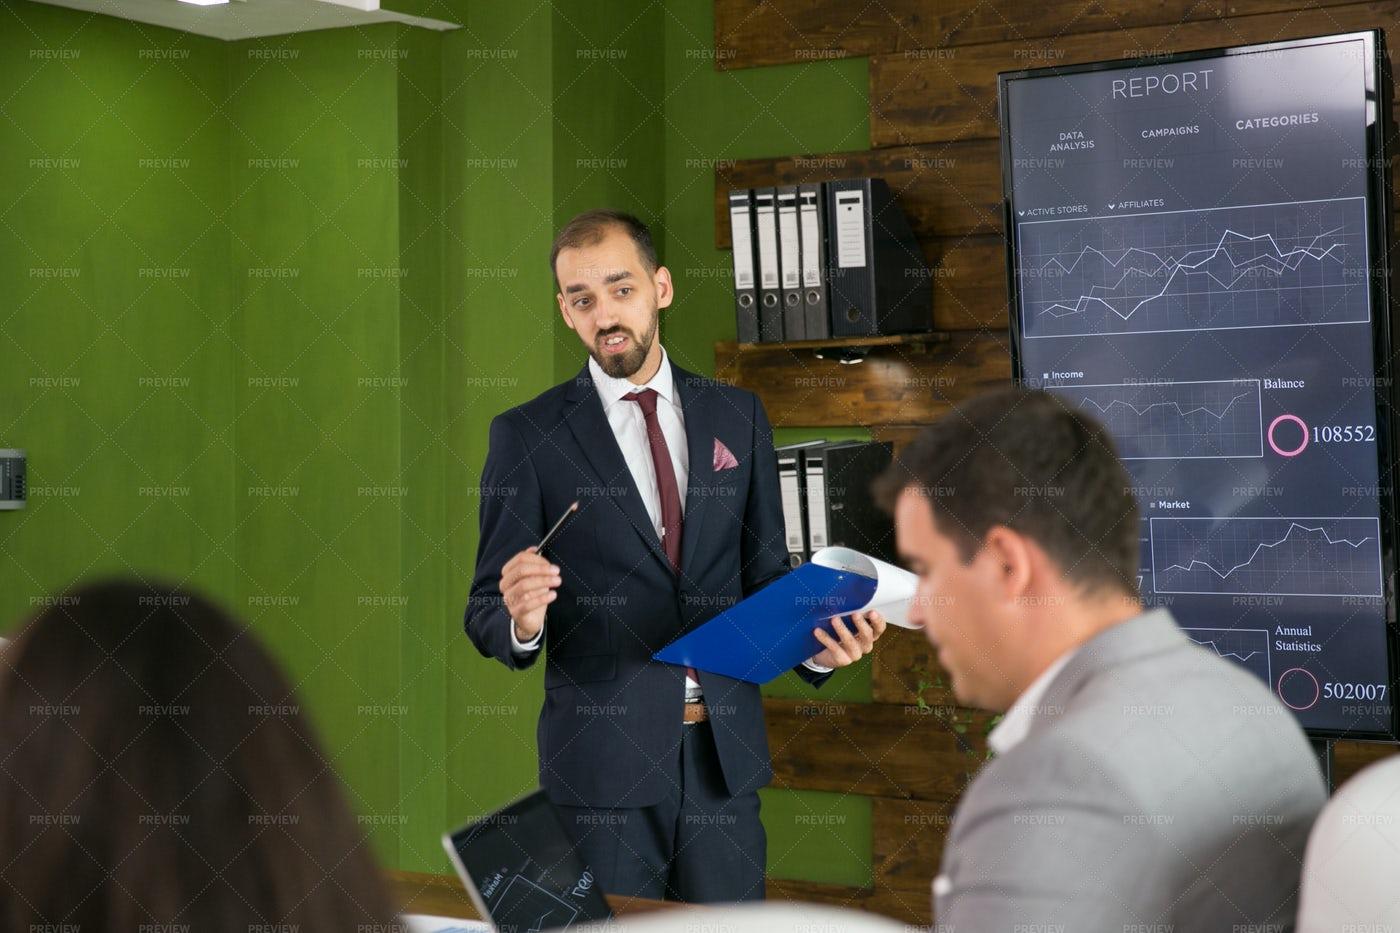 Boardroom Presentation: Stock Photos